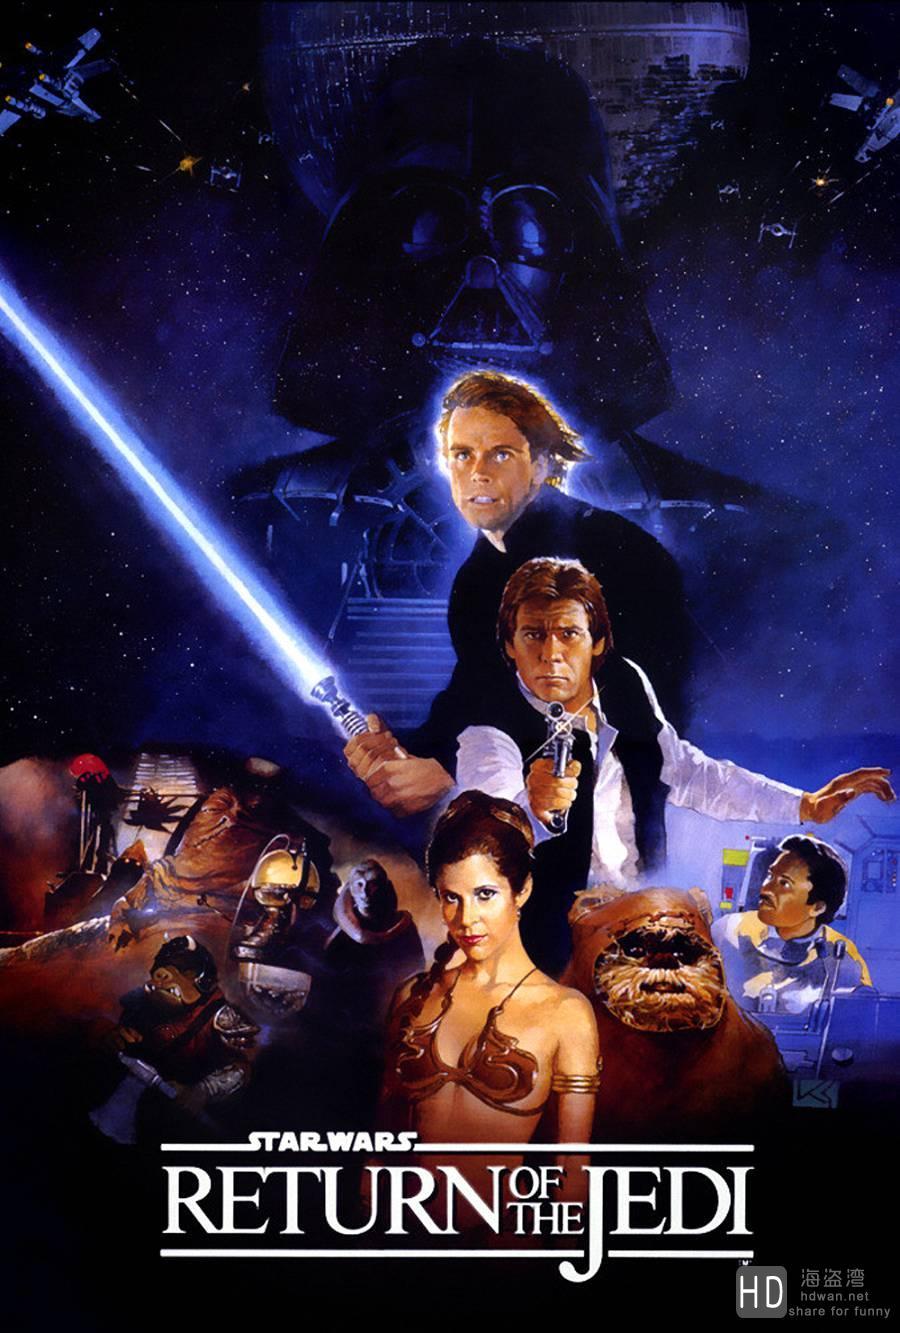 [科幻] 星球大战1-6部合集 Star.Wars.I-VI.BluRay.720p.x264.AC3-WOFEI 国英双语